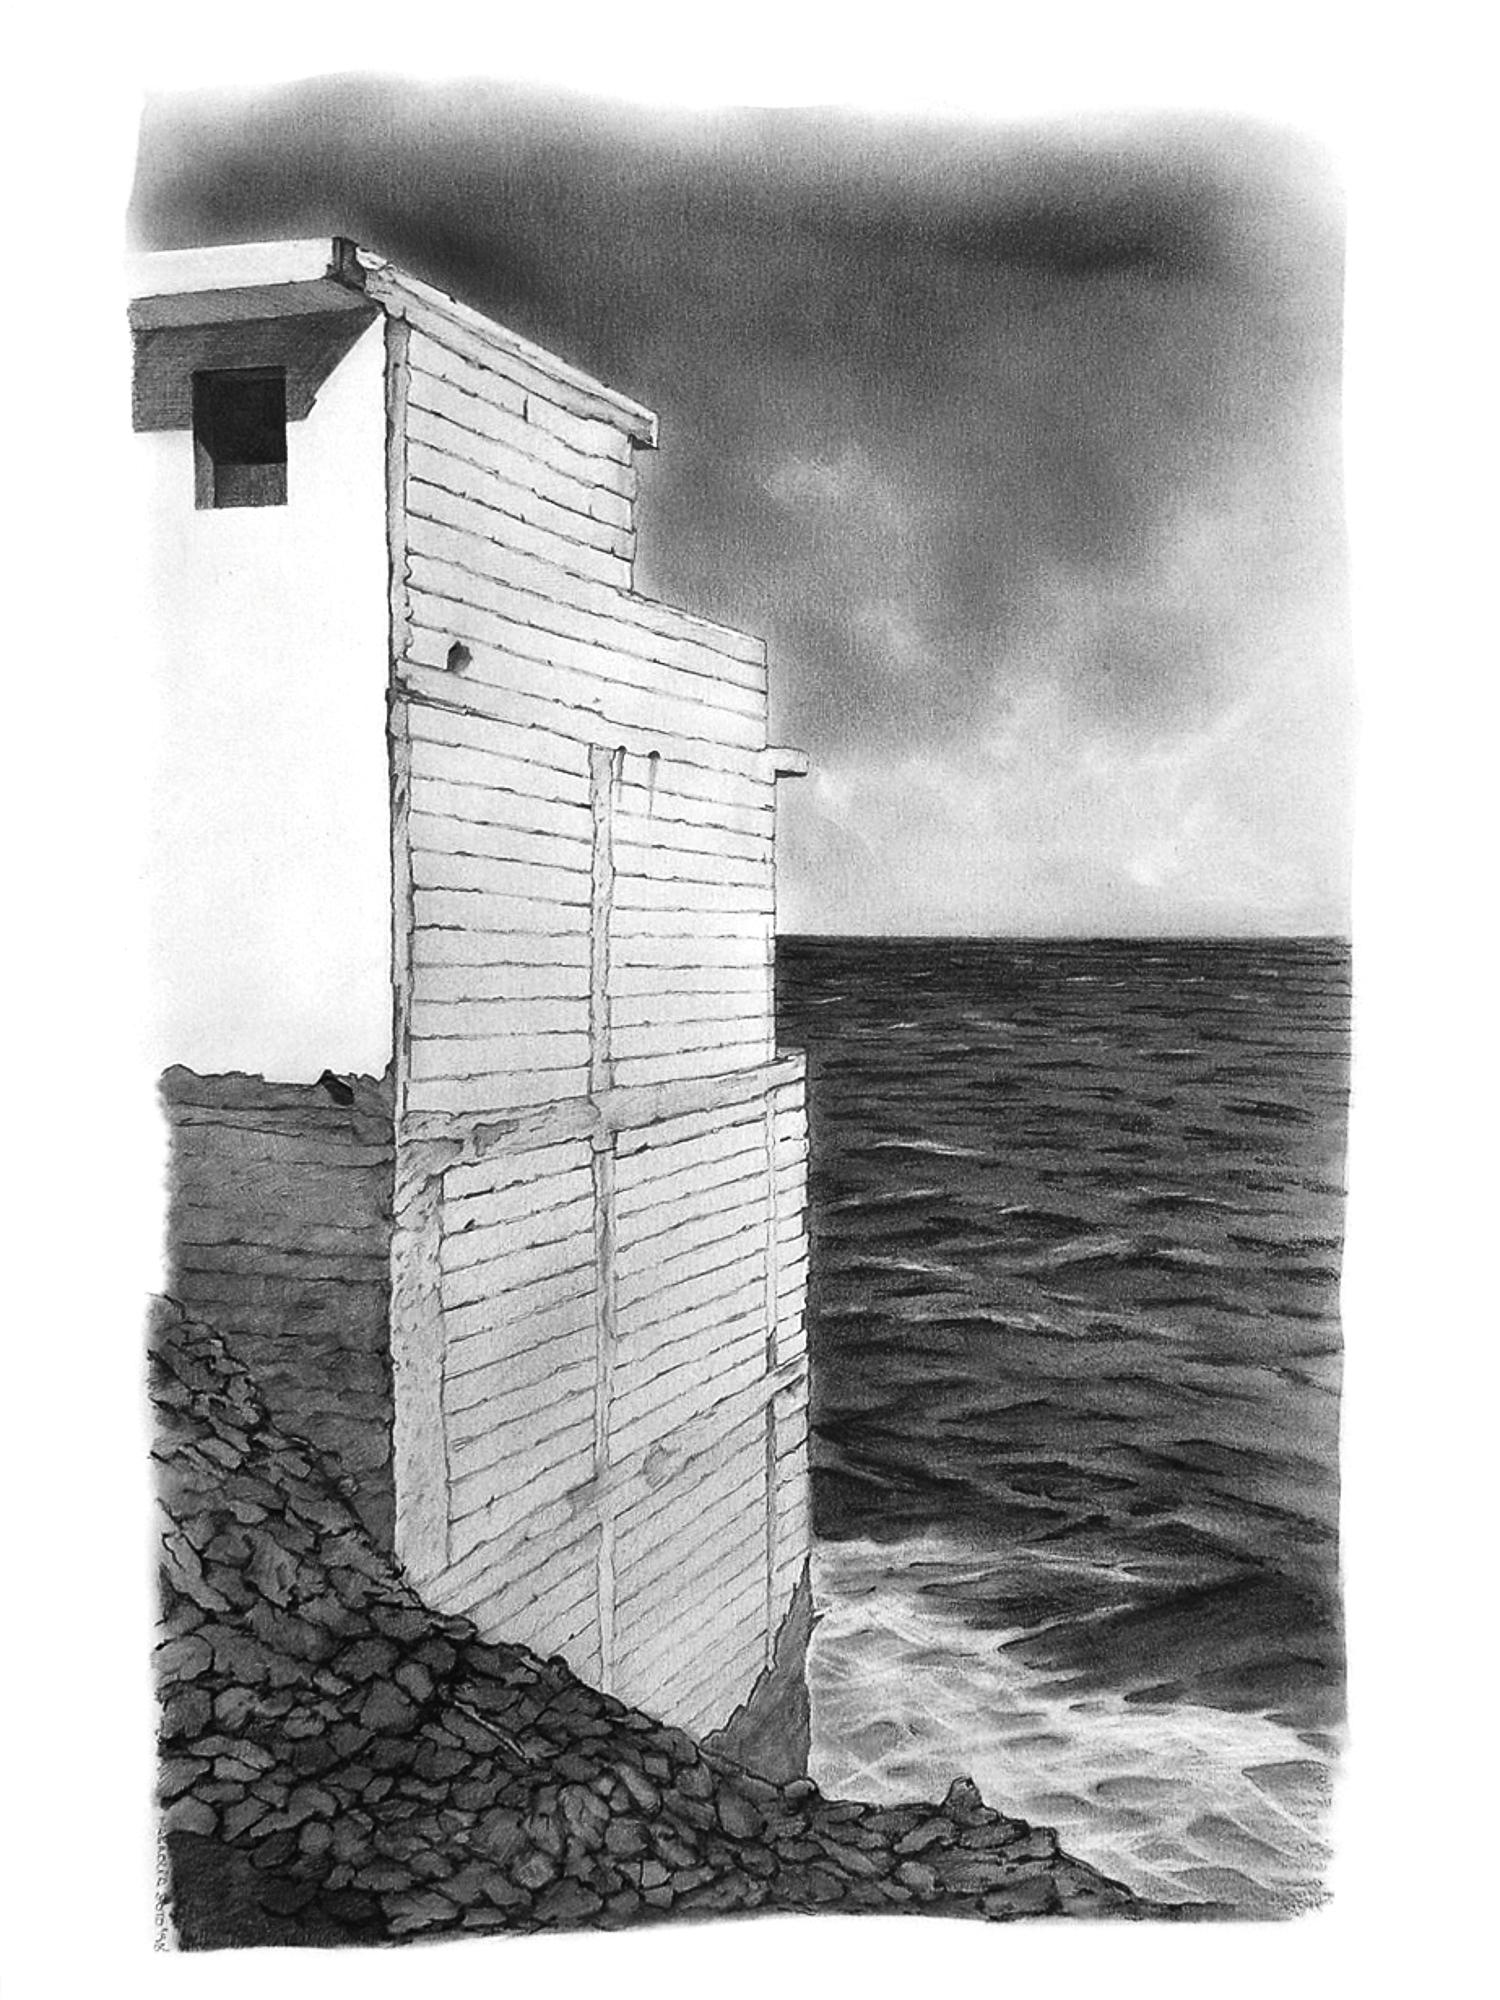 Magnolia Soto. Paisaje Canario 2. 1998. Grafito sobre papel. 50 x 37 cm.